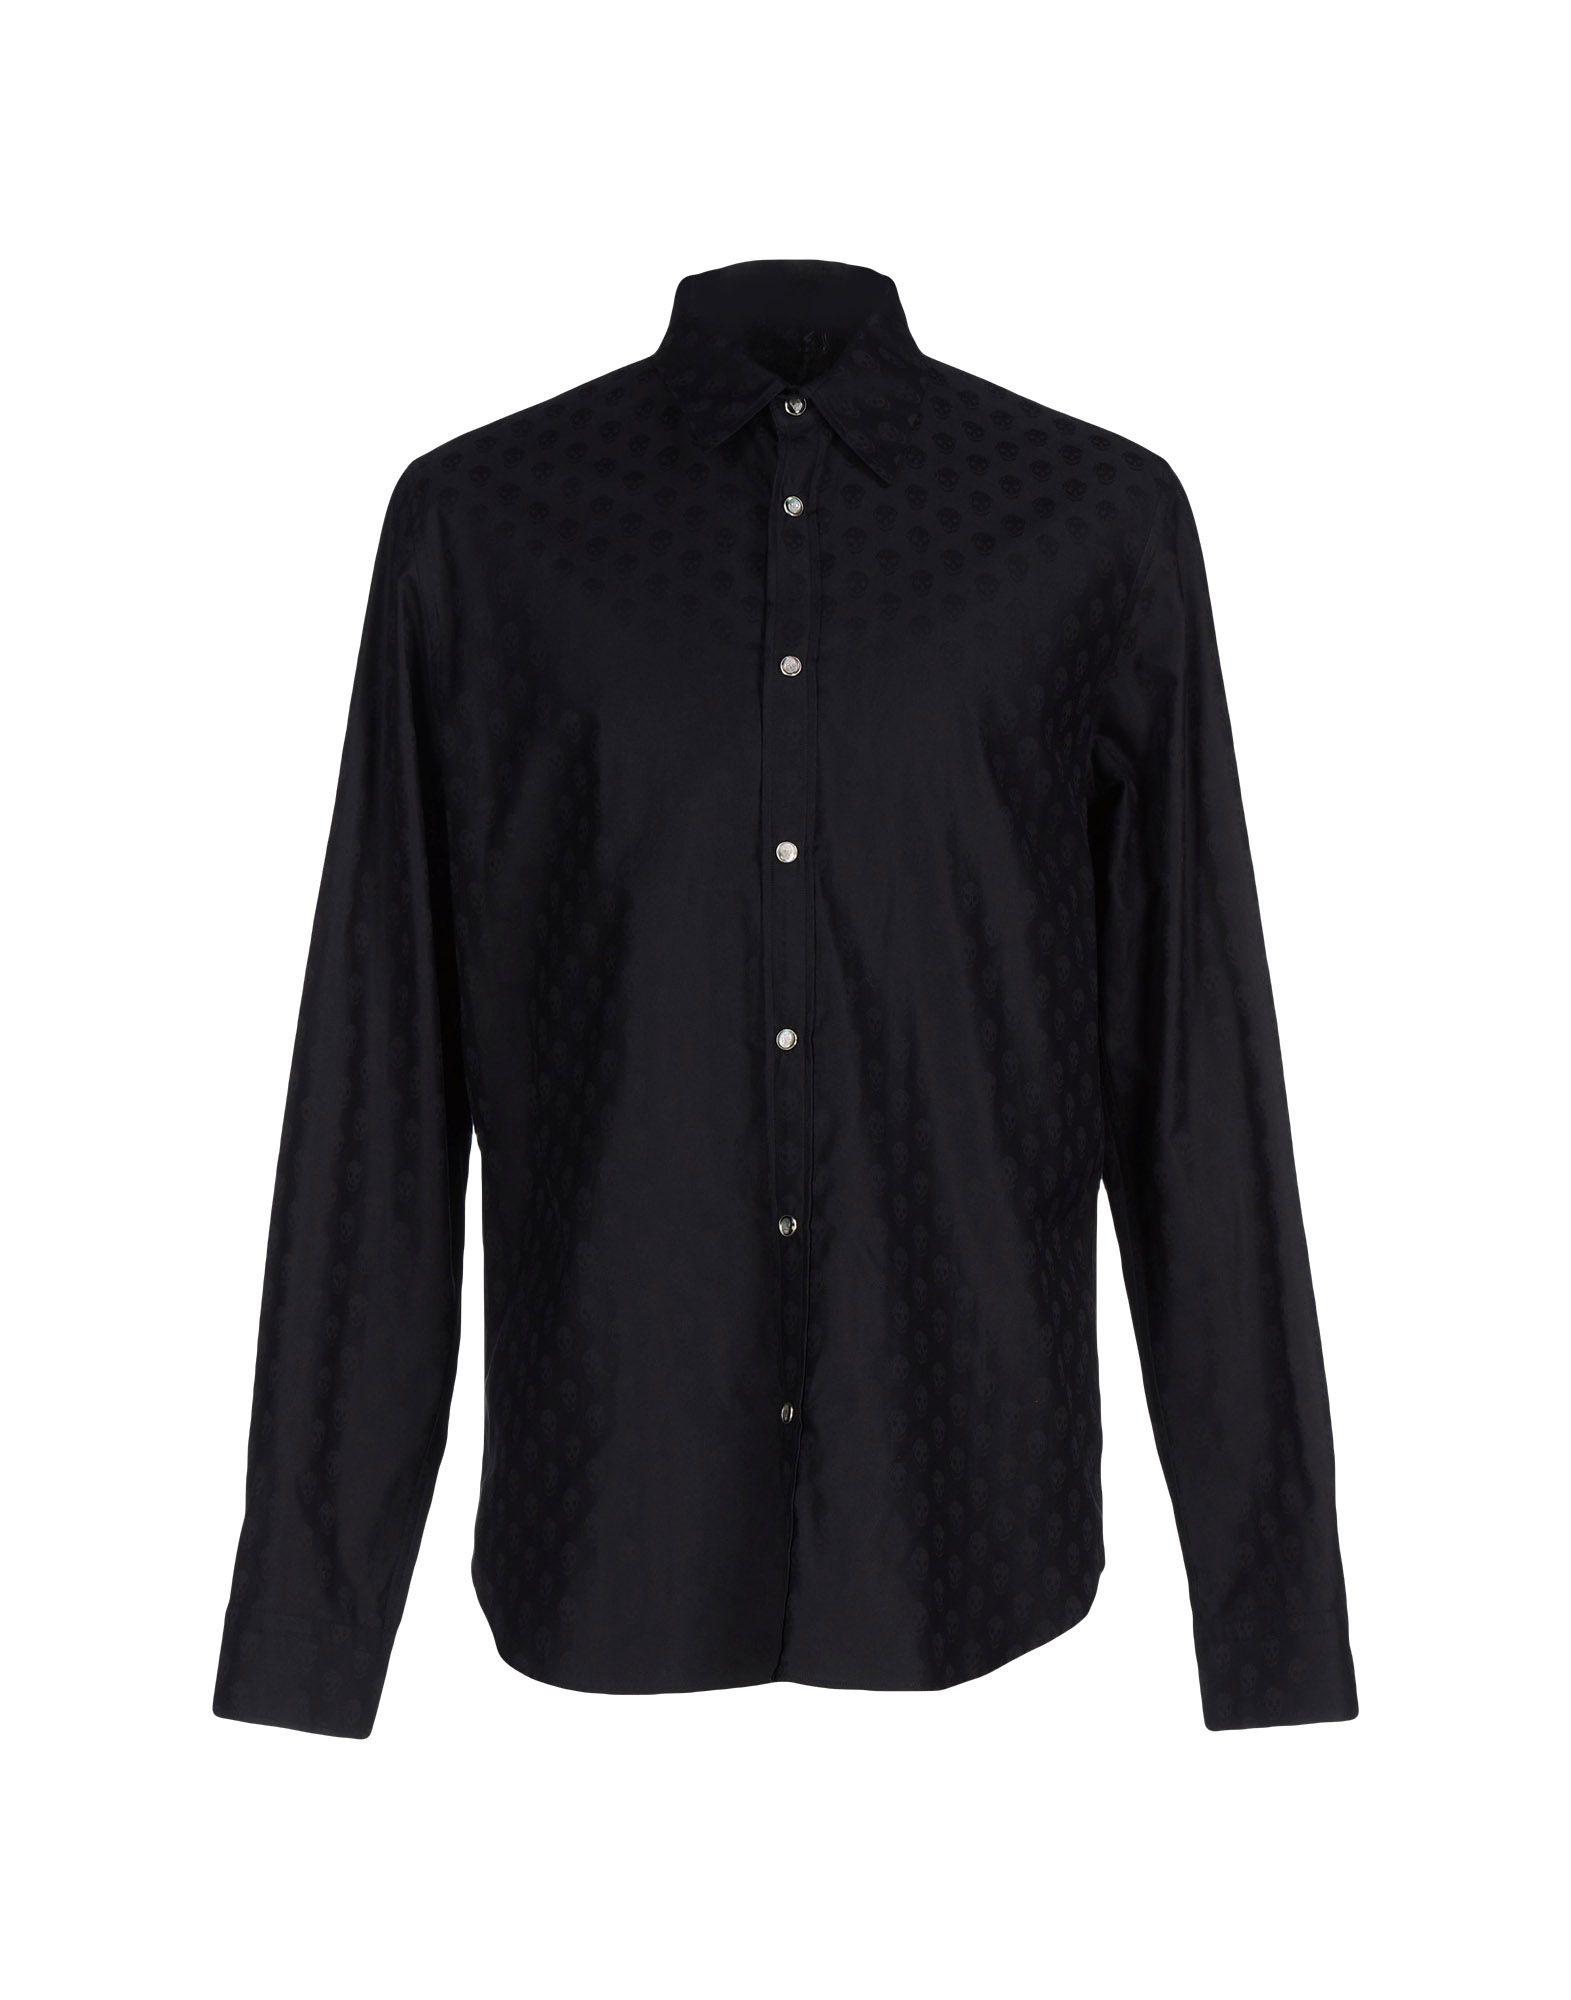 Lyst alexander mcqueen shirt in black for men for Alexander mcqueen shirt men